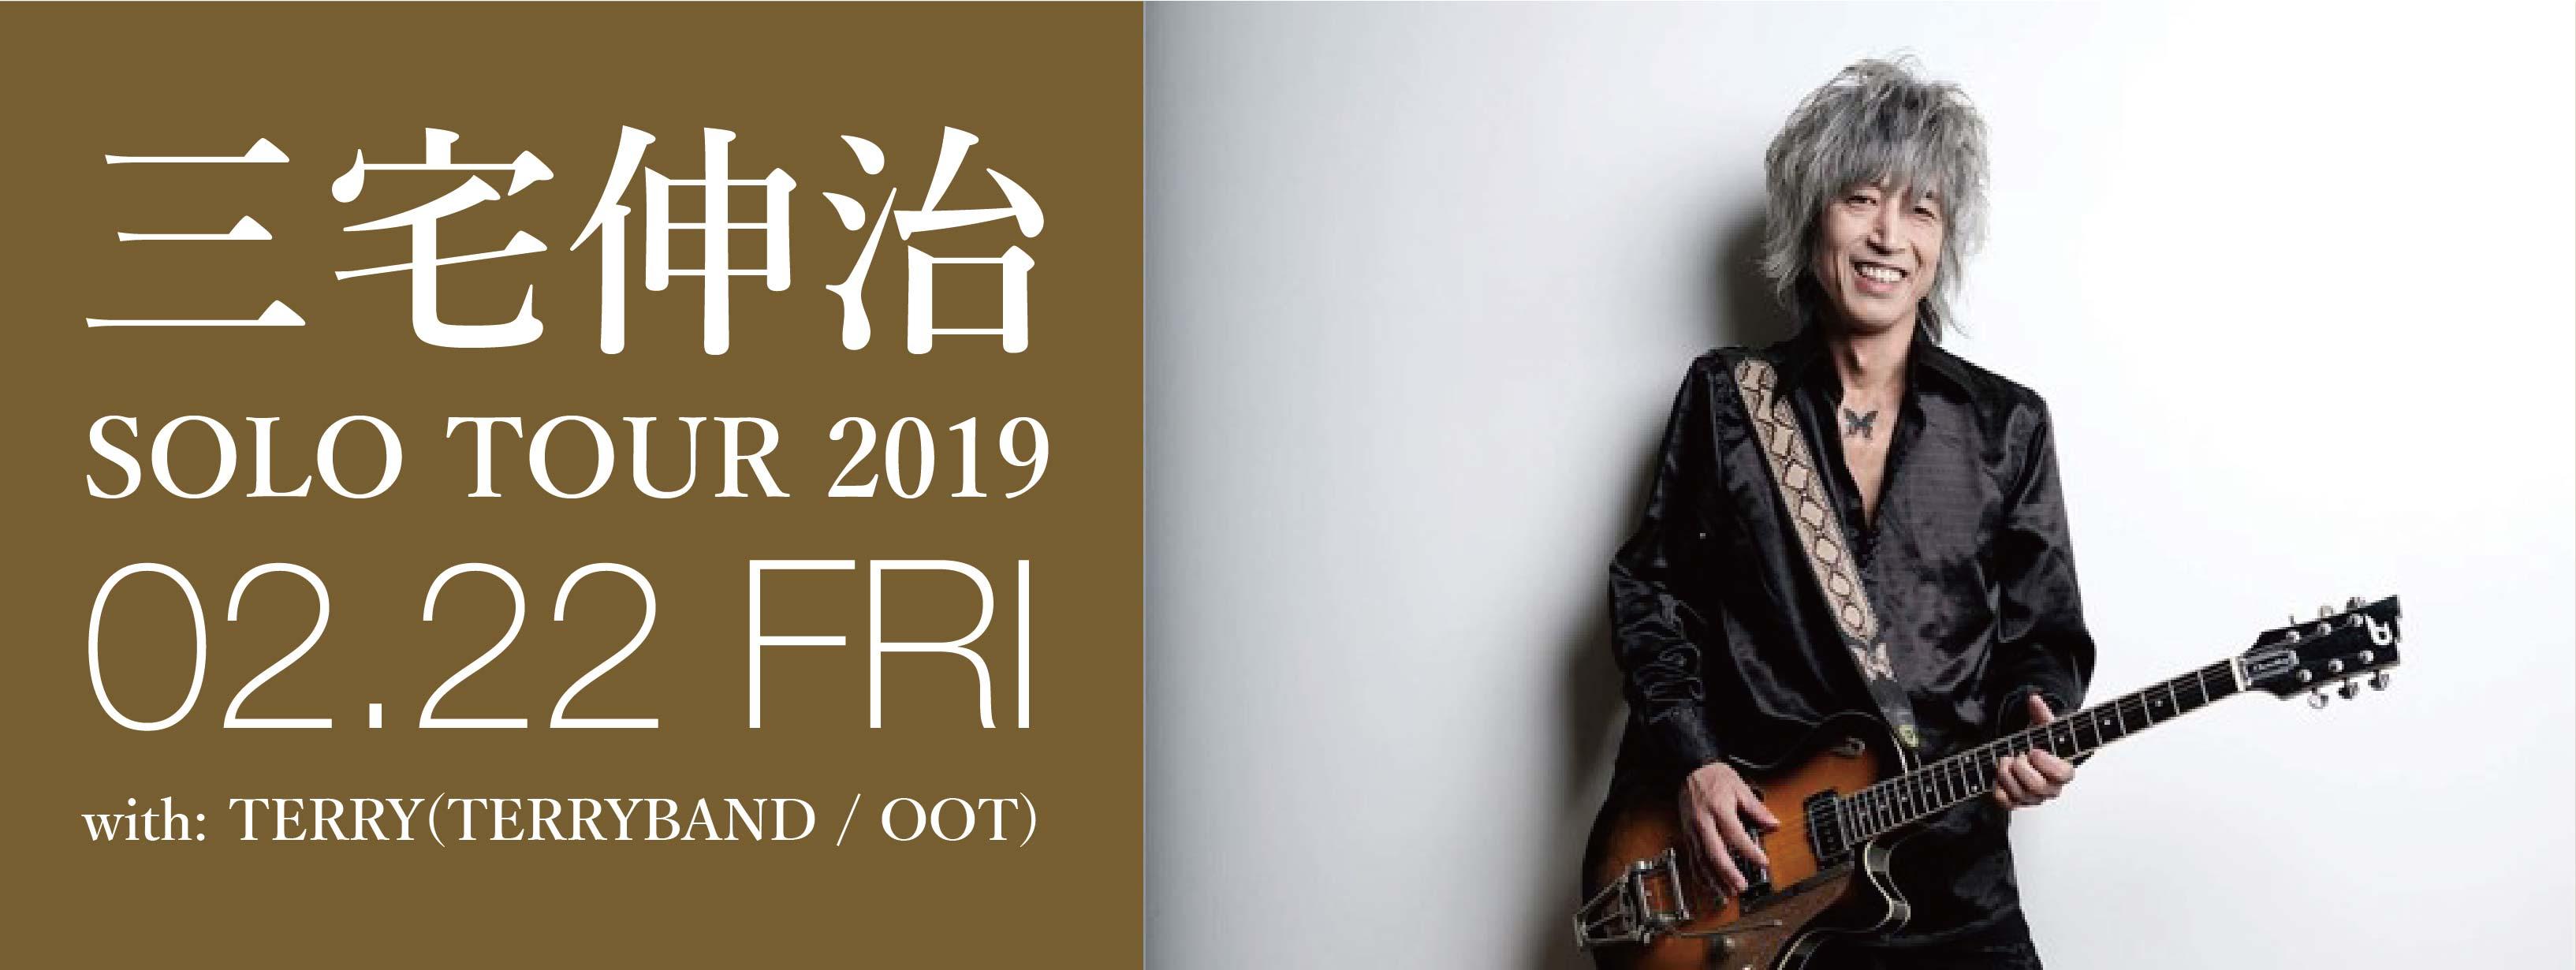 三宅伸治 SOLO TOUR 2019